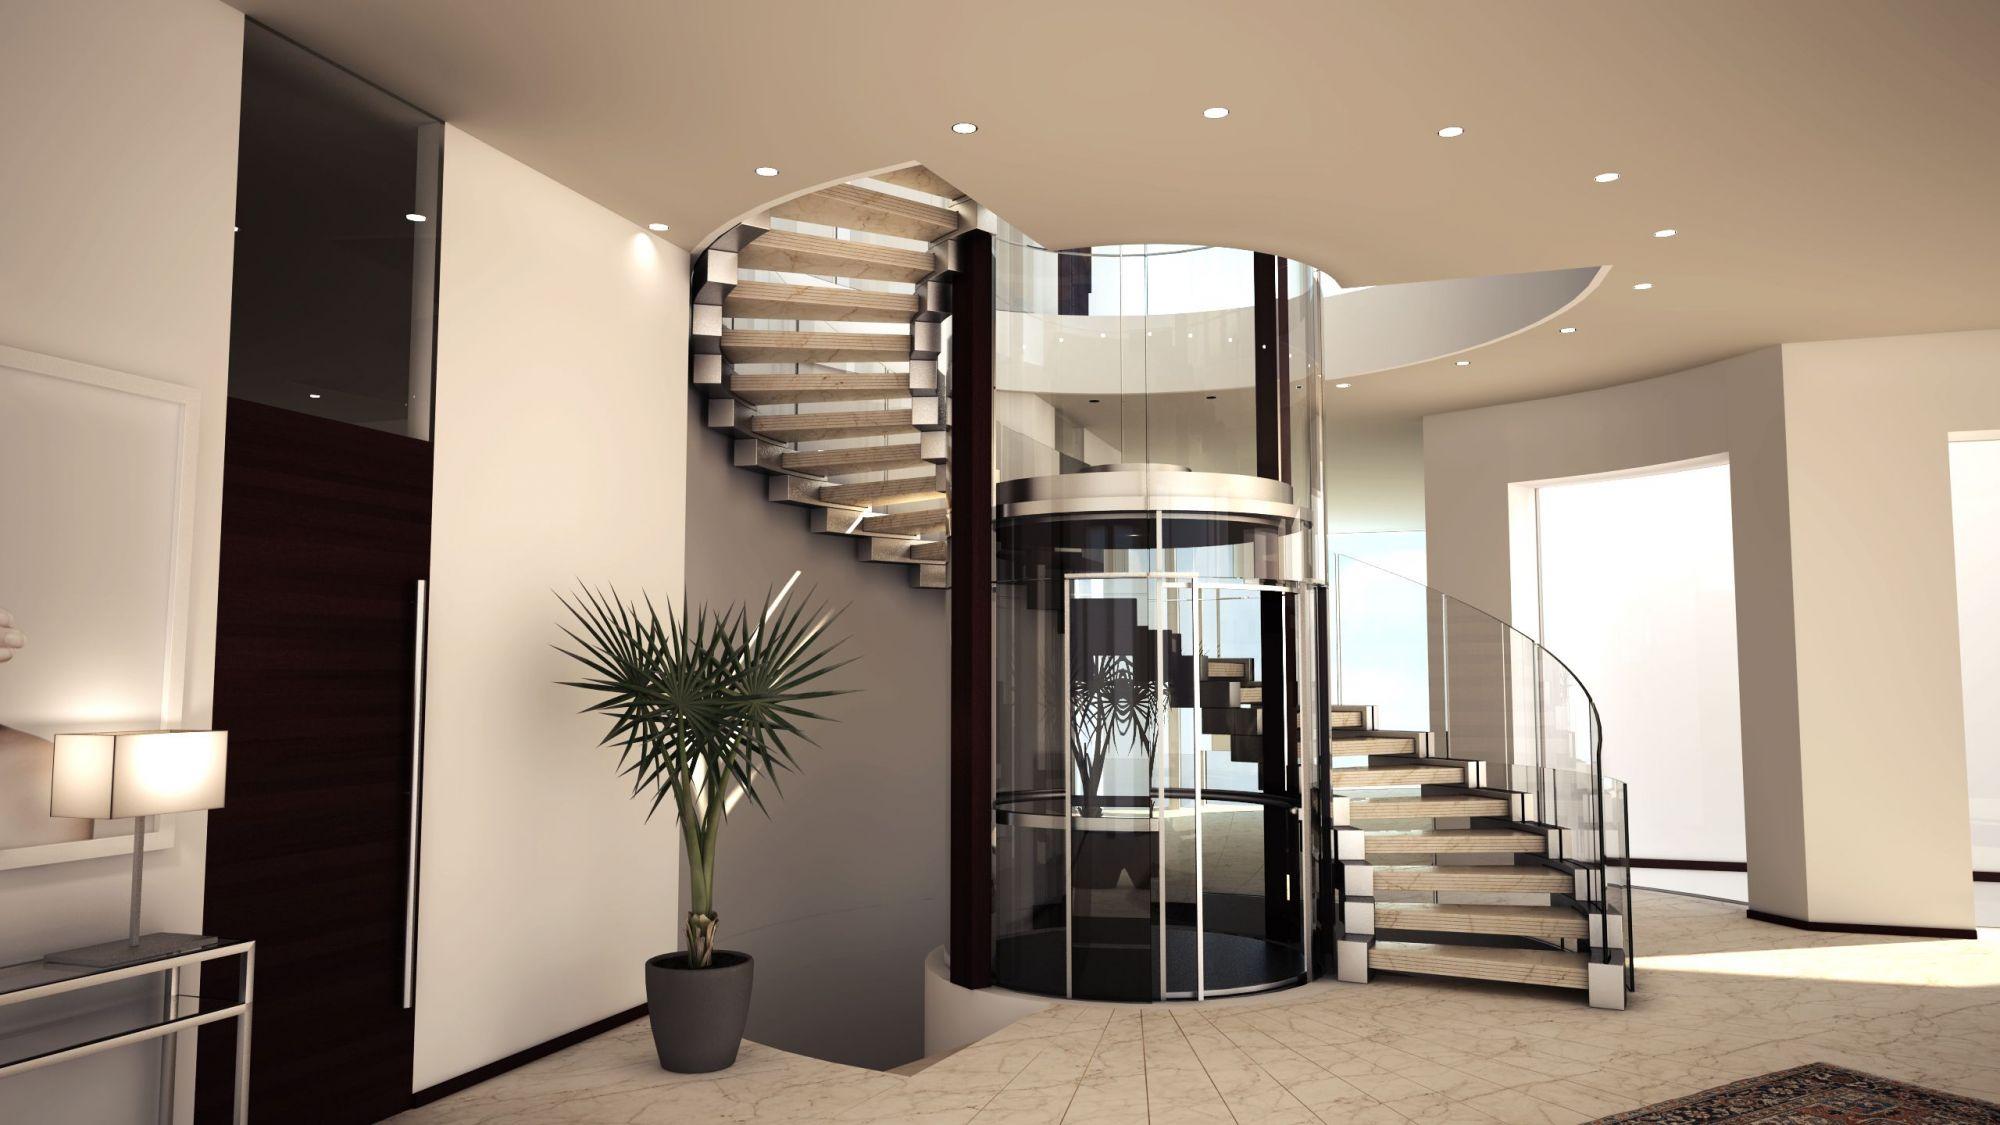 Kích thước thang máy gia đình tiêu chuẩn mới nhất 2021